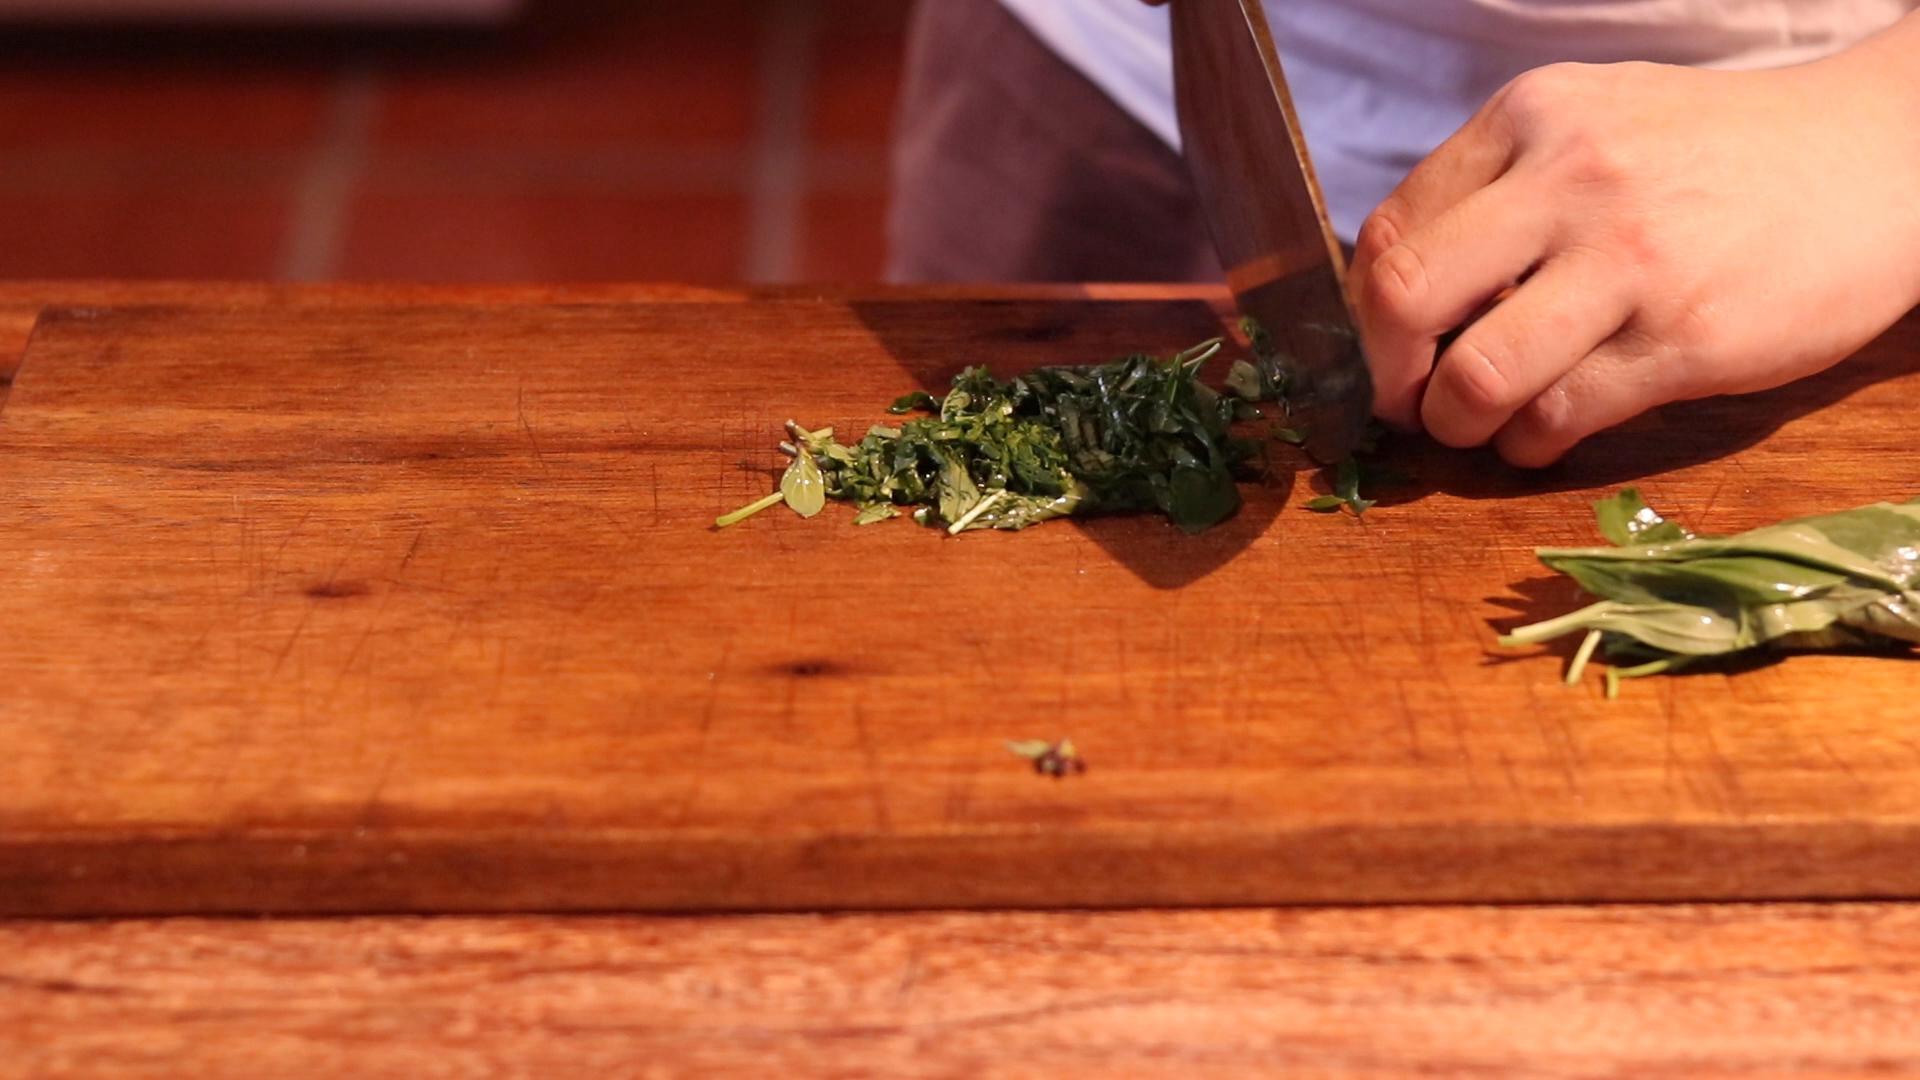 Thai-Basil-Leaf-Chopped-Pad-Kra-Prao